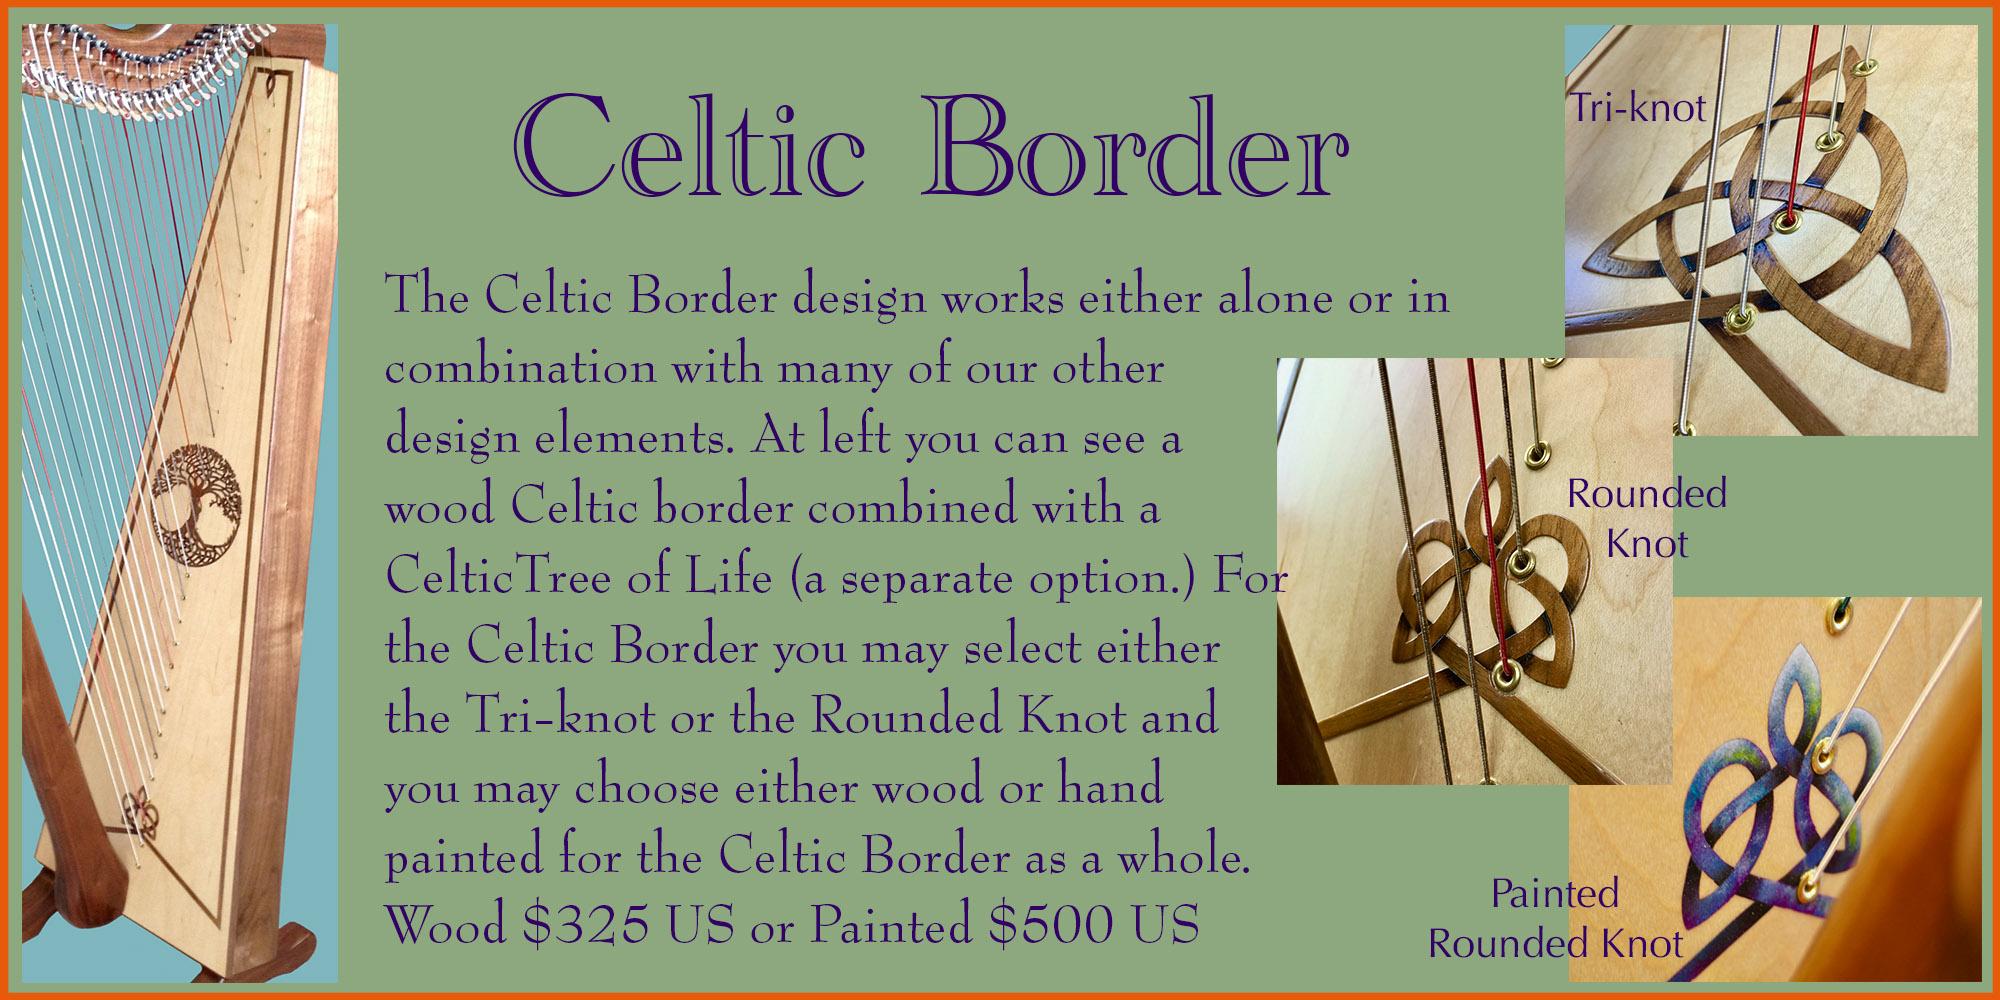 Celtic Border Orn Panel.jpg